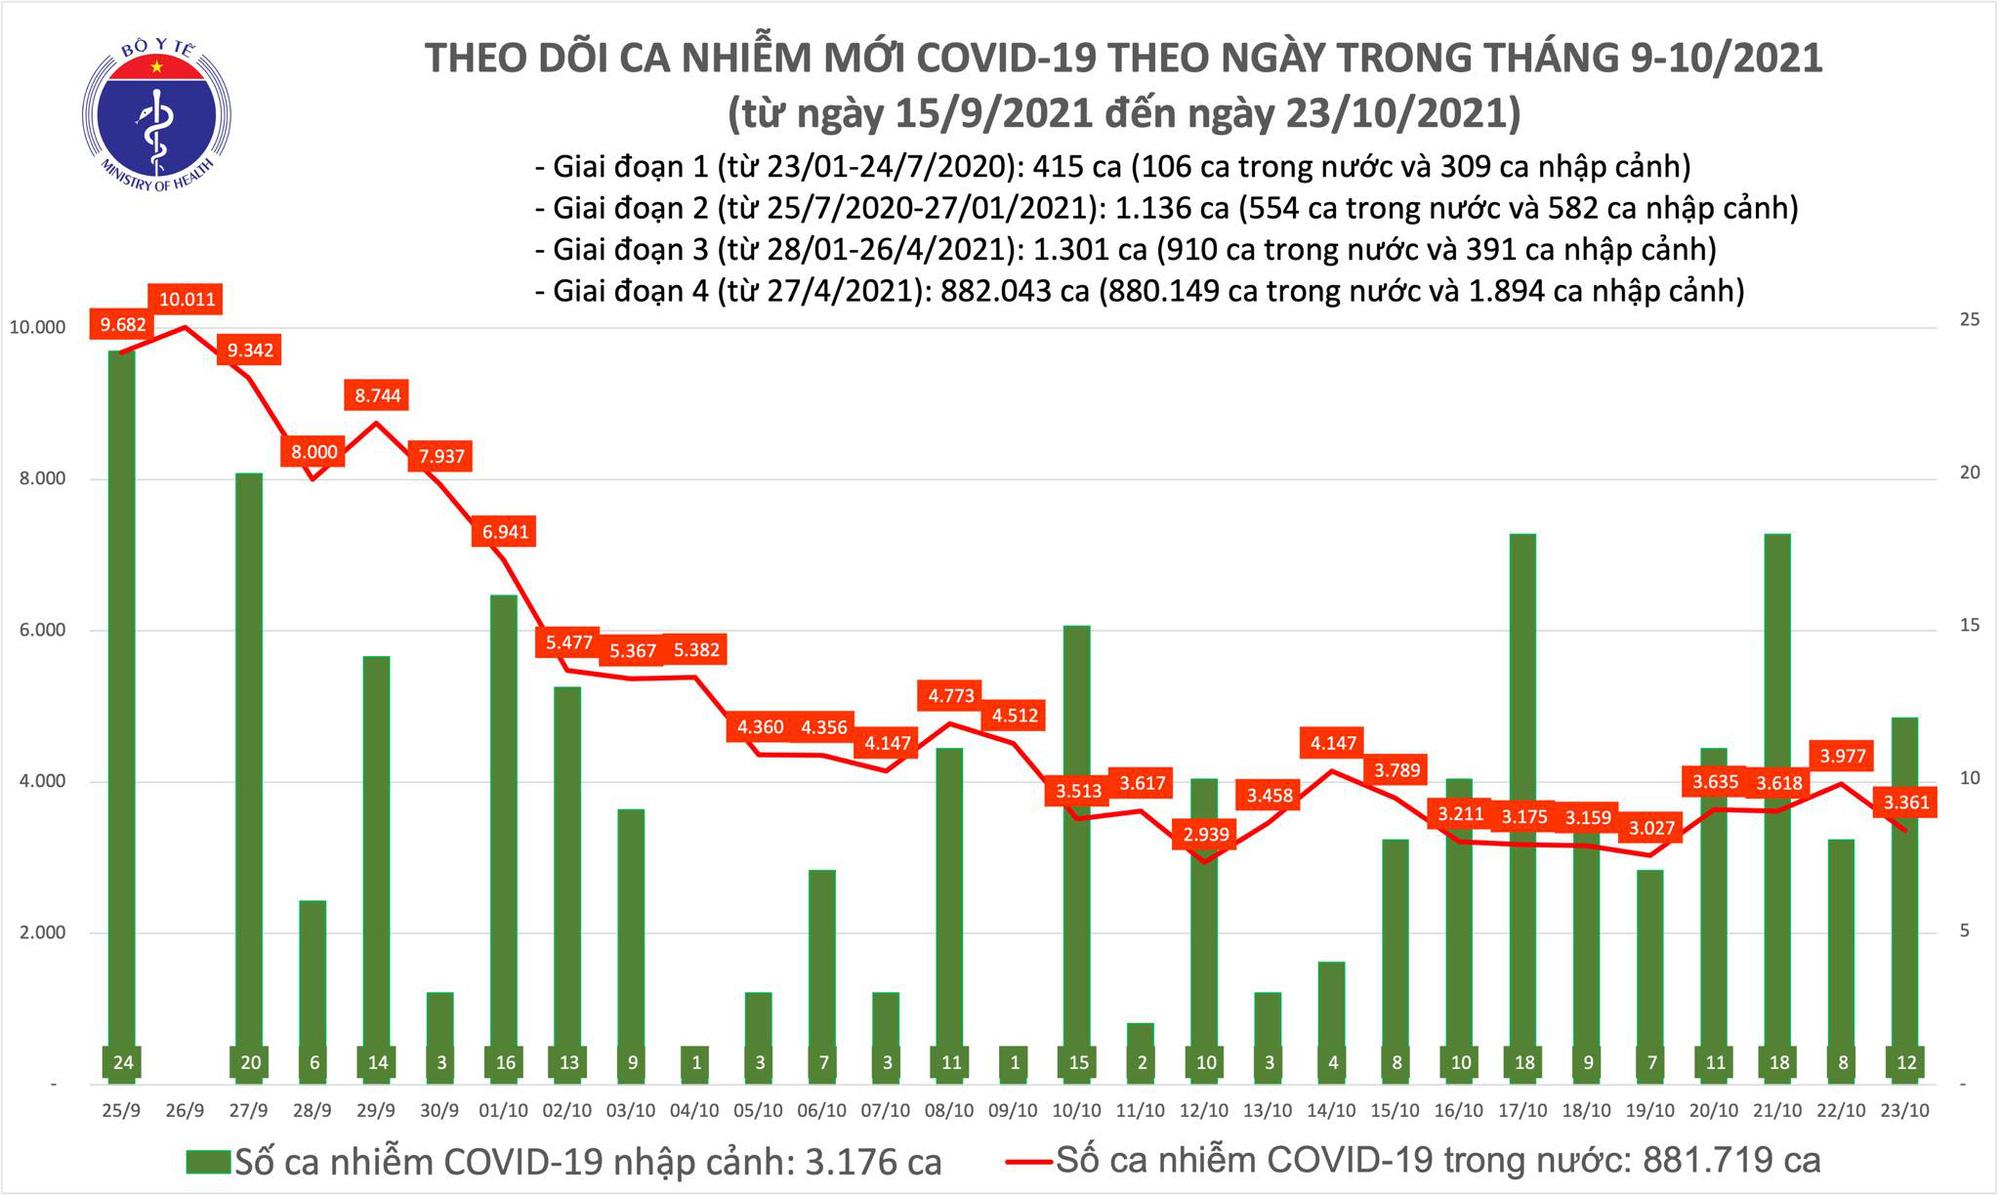 Ngày 23/10: Có 3.373 ca mắc COVID-19 tại 47 tỉnh, thành; giảm 616 ca so với hôm qua